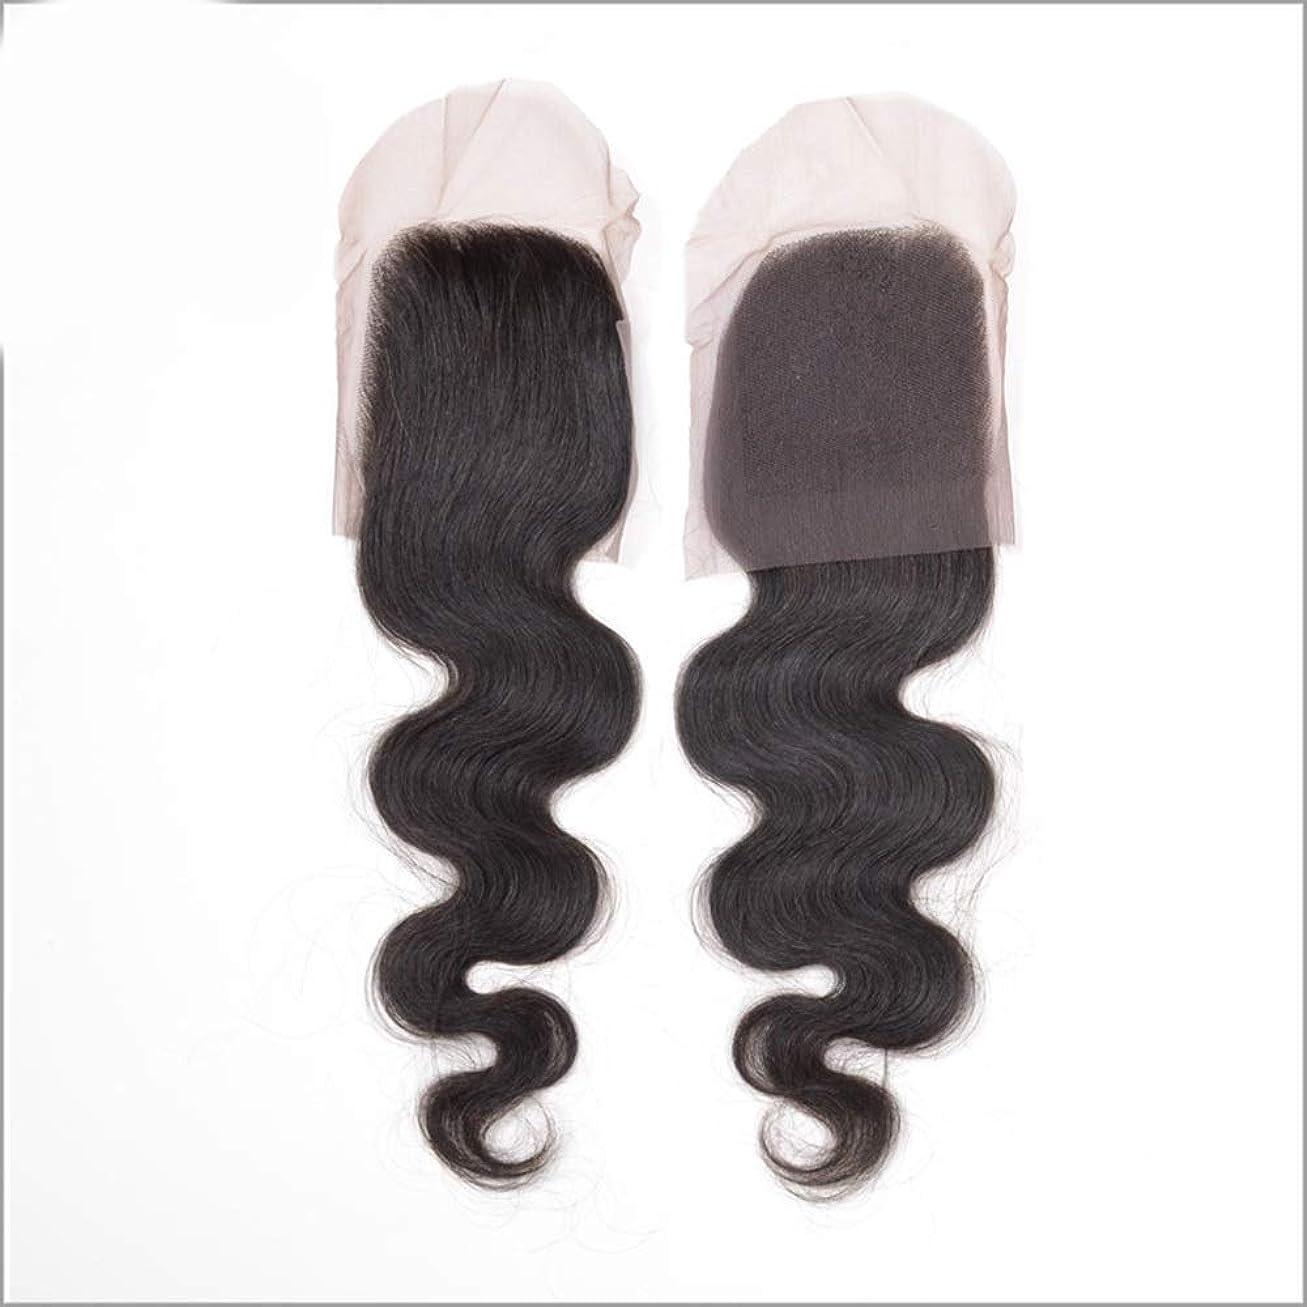 寝室推進、動かす意味YESONEEP ブラジル髪織りバンドルで閉鎖レース前頭4×4フリーパート実体波フルレースナチュラルヘアエクステンション用女性複合ヘアレースかつらロールプレイングかつら (色 : 黒, サイズ : 8 inch)